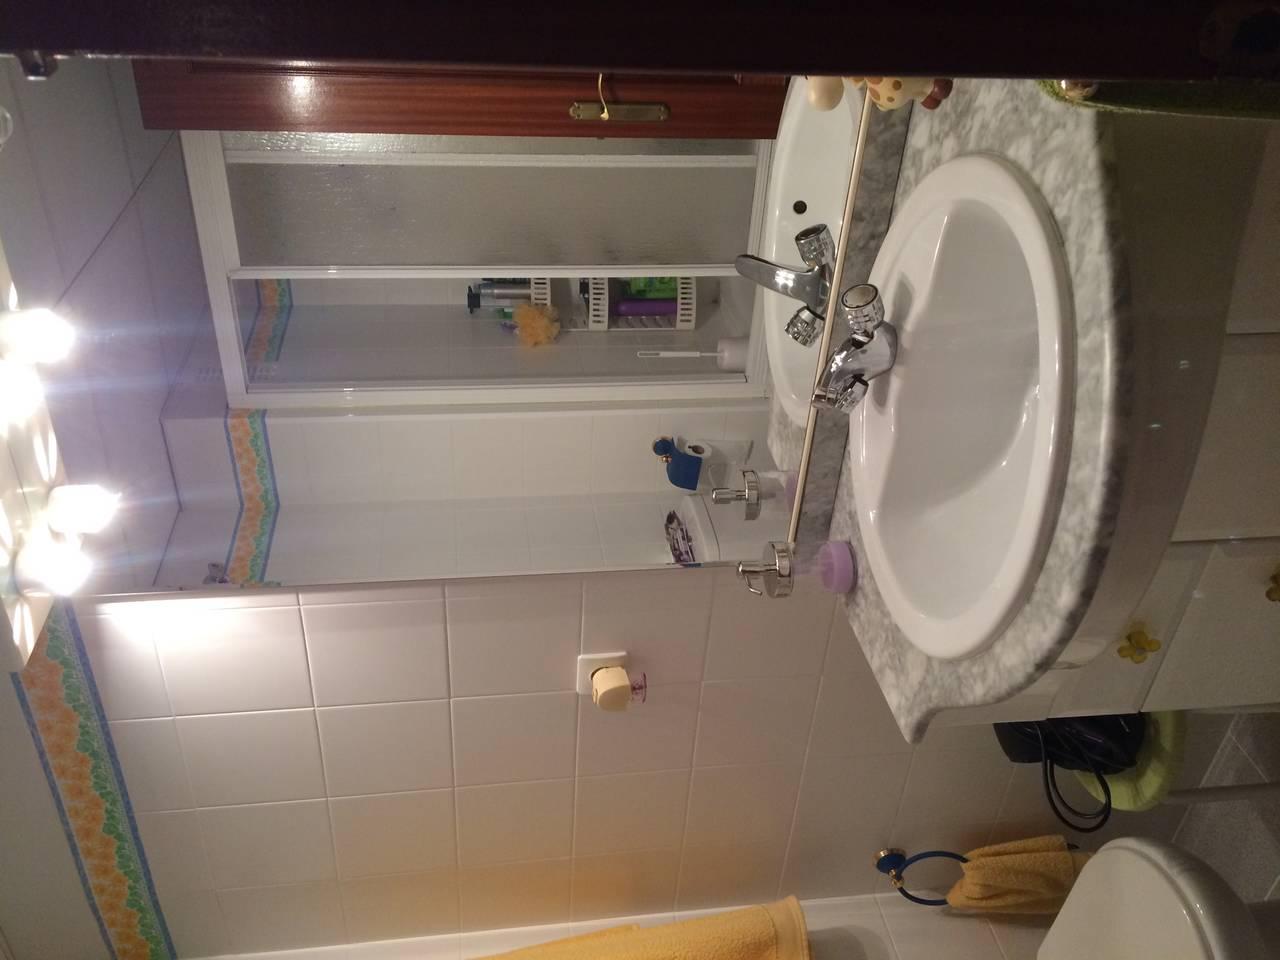 accesorios  wc..., usado segunda mano  Mairena del Aljarafe